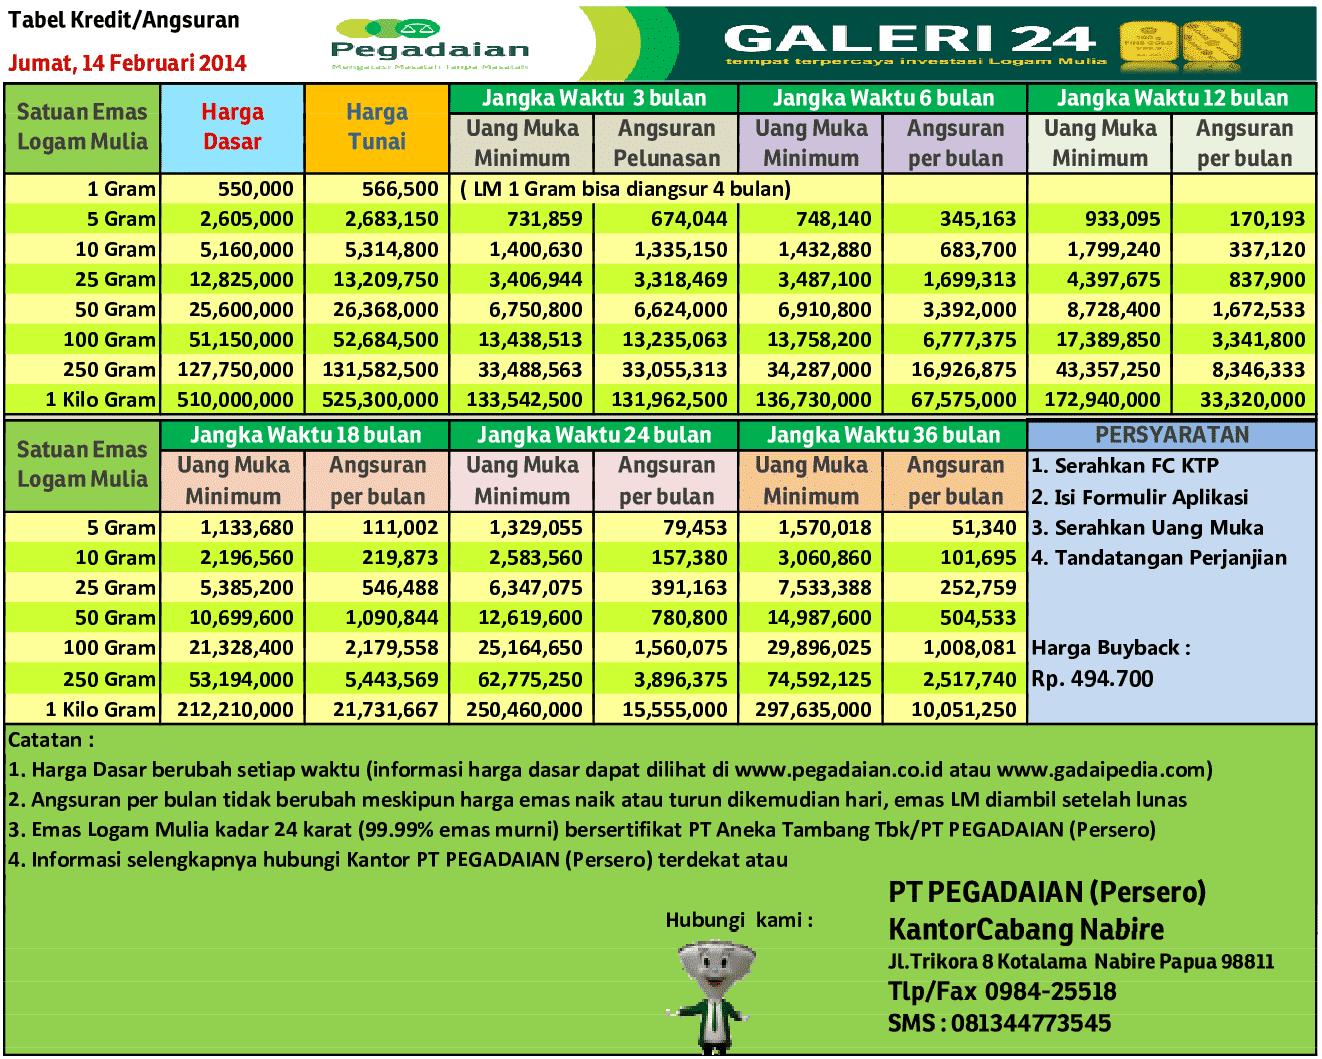 harga emas dan tabel kredit emas pegadaian 14 februari 2014